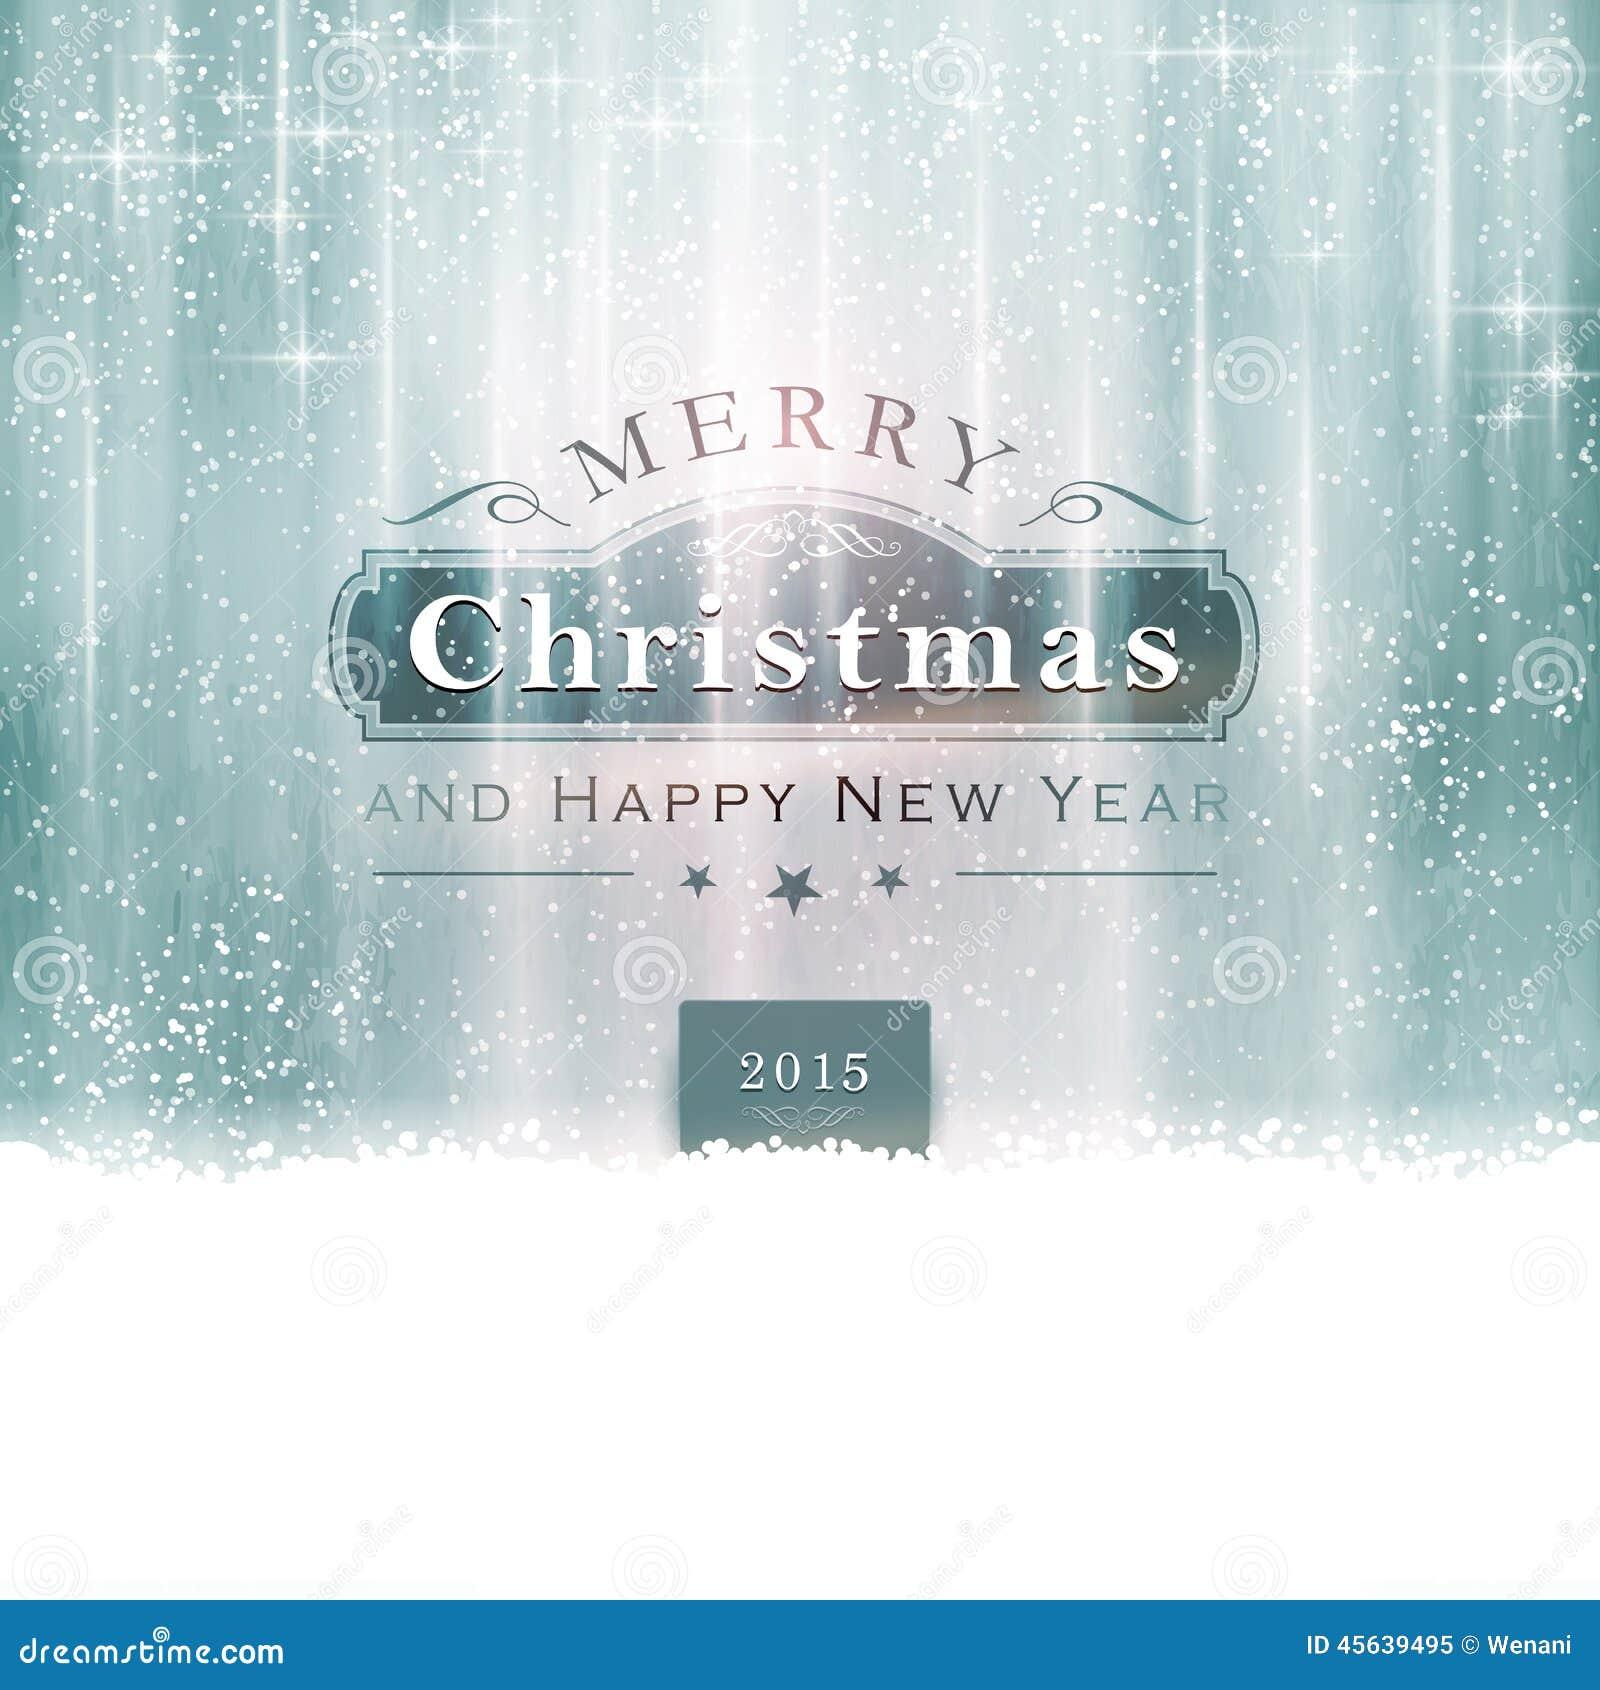 Typographie bleue argentée de Joyeux Noël